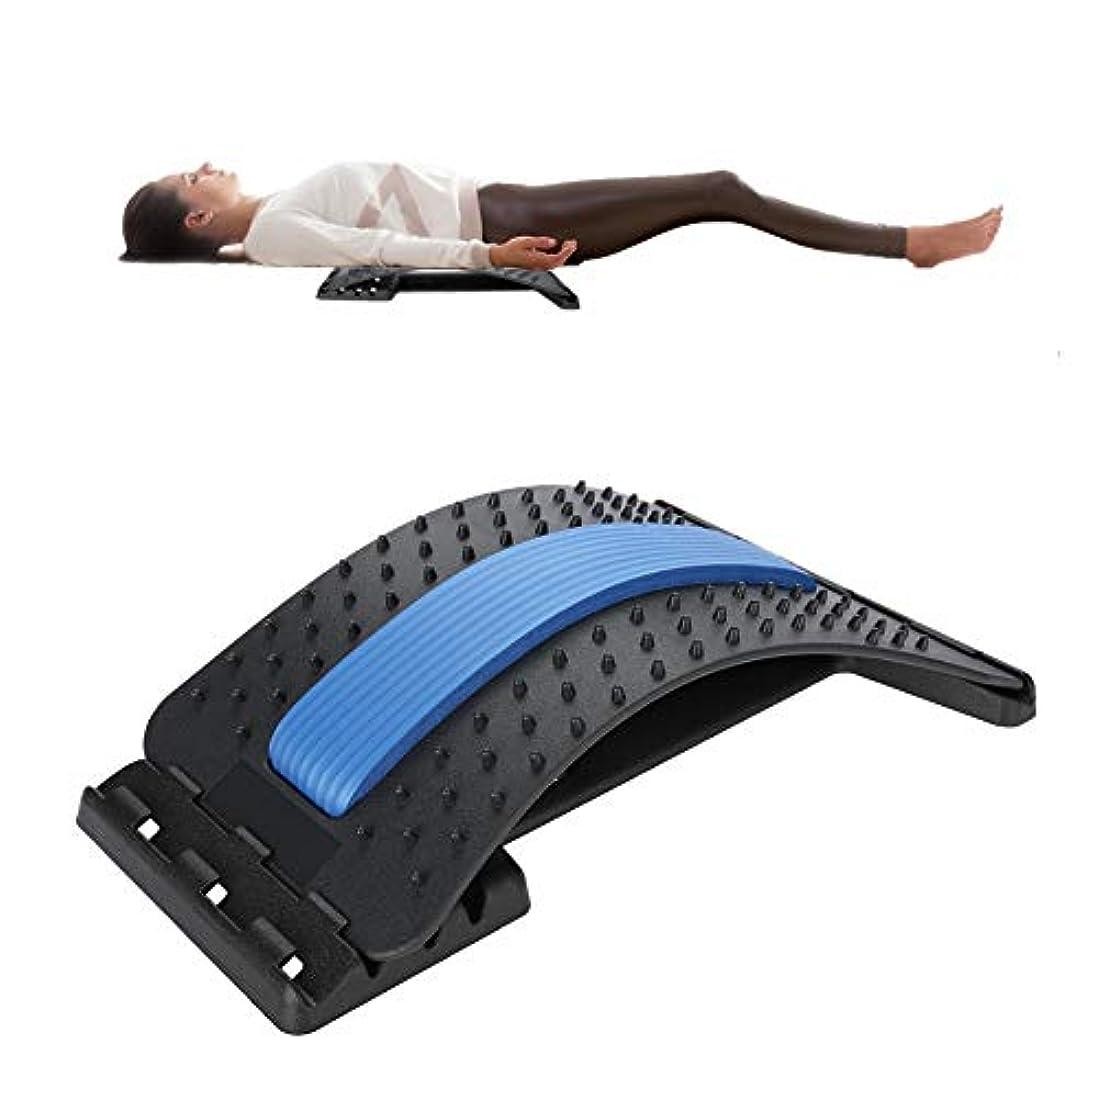 アセ税金セーブ背中マッサージャー 腰部サポート、腰部の背もたれ ストレッチャー装置 ストレッチリラックス脊柱 減圧枕 痛み緩和 姿勢矯正器